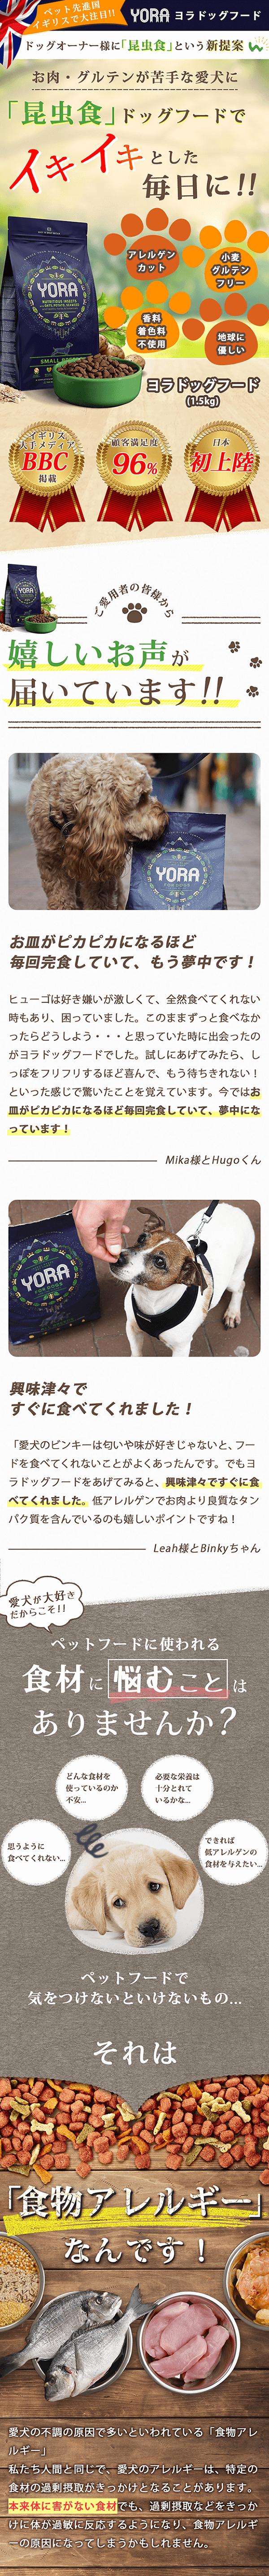 yoradogfood_LP_A_0214_11